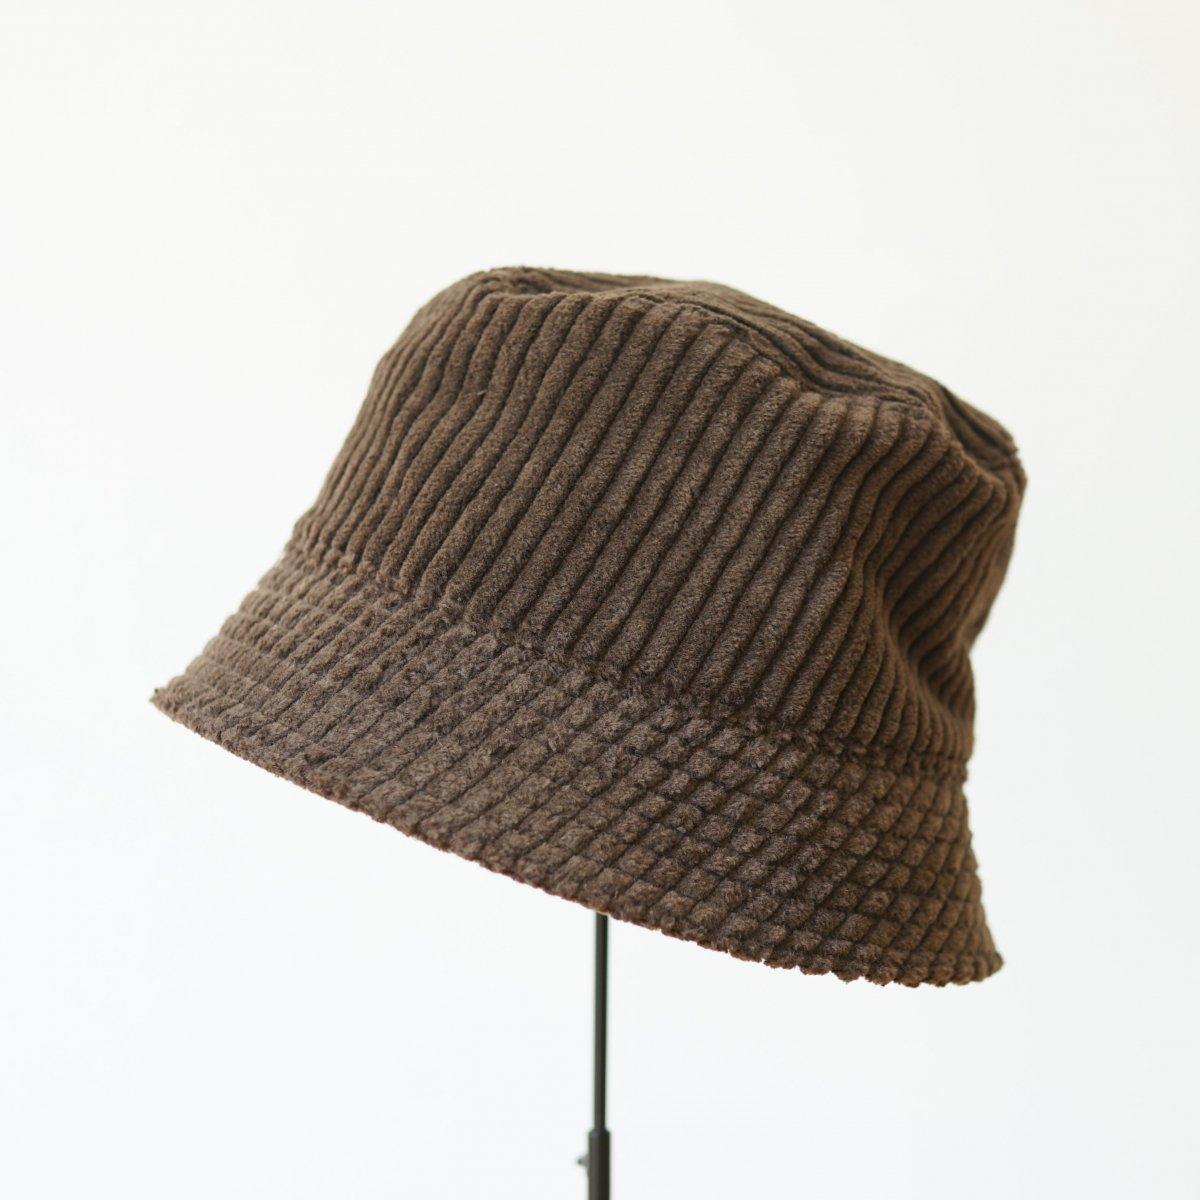 【WHOWHAT フーワット】BUCKET HAT - DARK BROWN